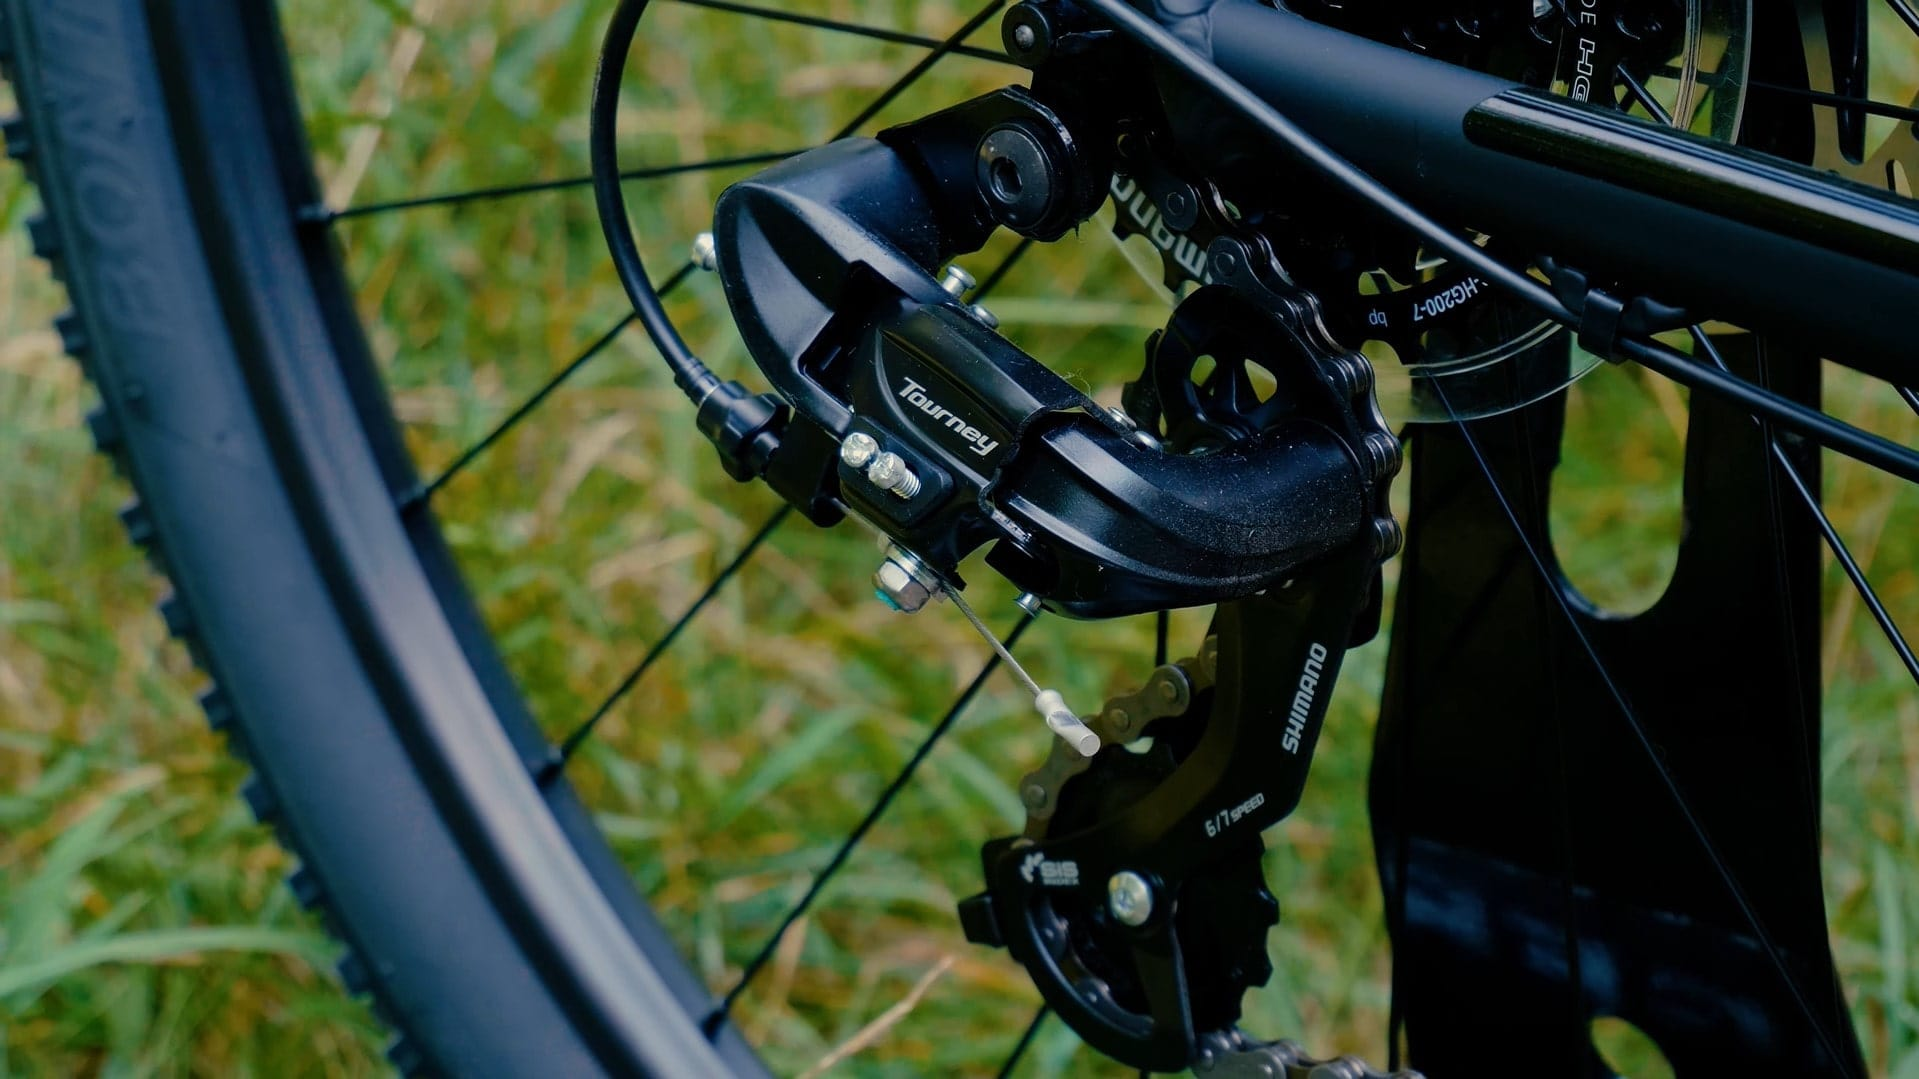 Trek Marlin 5 2020 - Einstiegs-Mountainbike - MTB Shimano Tourney Schaltwerk